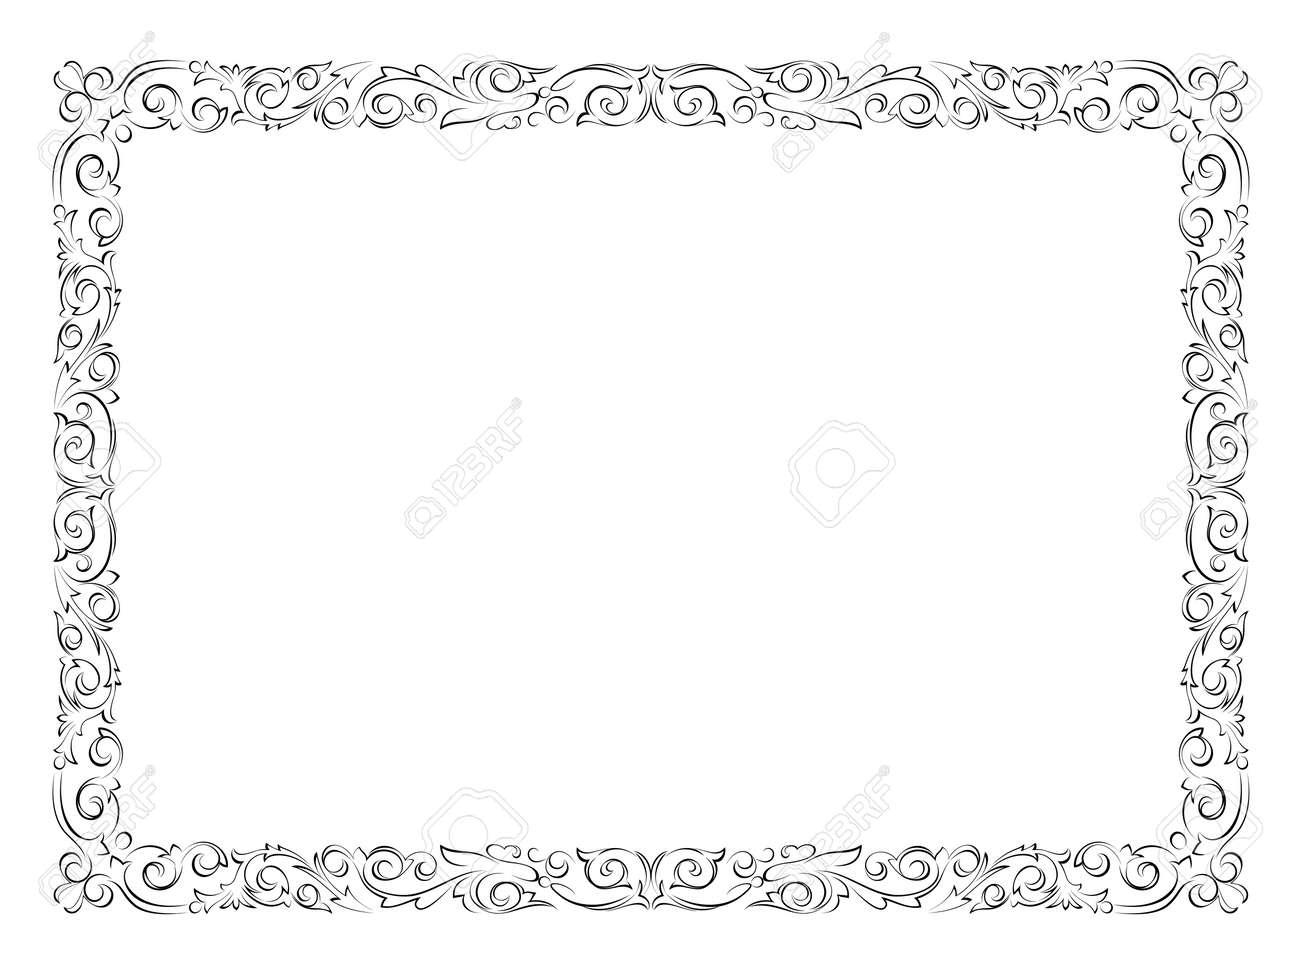 シンプルな黒い達筆で書く装飾用フレーム 飾り枠パターン ベクトルの